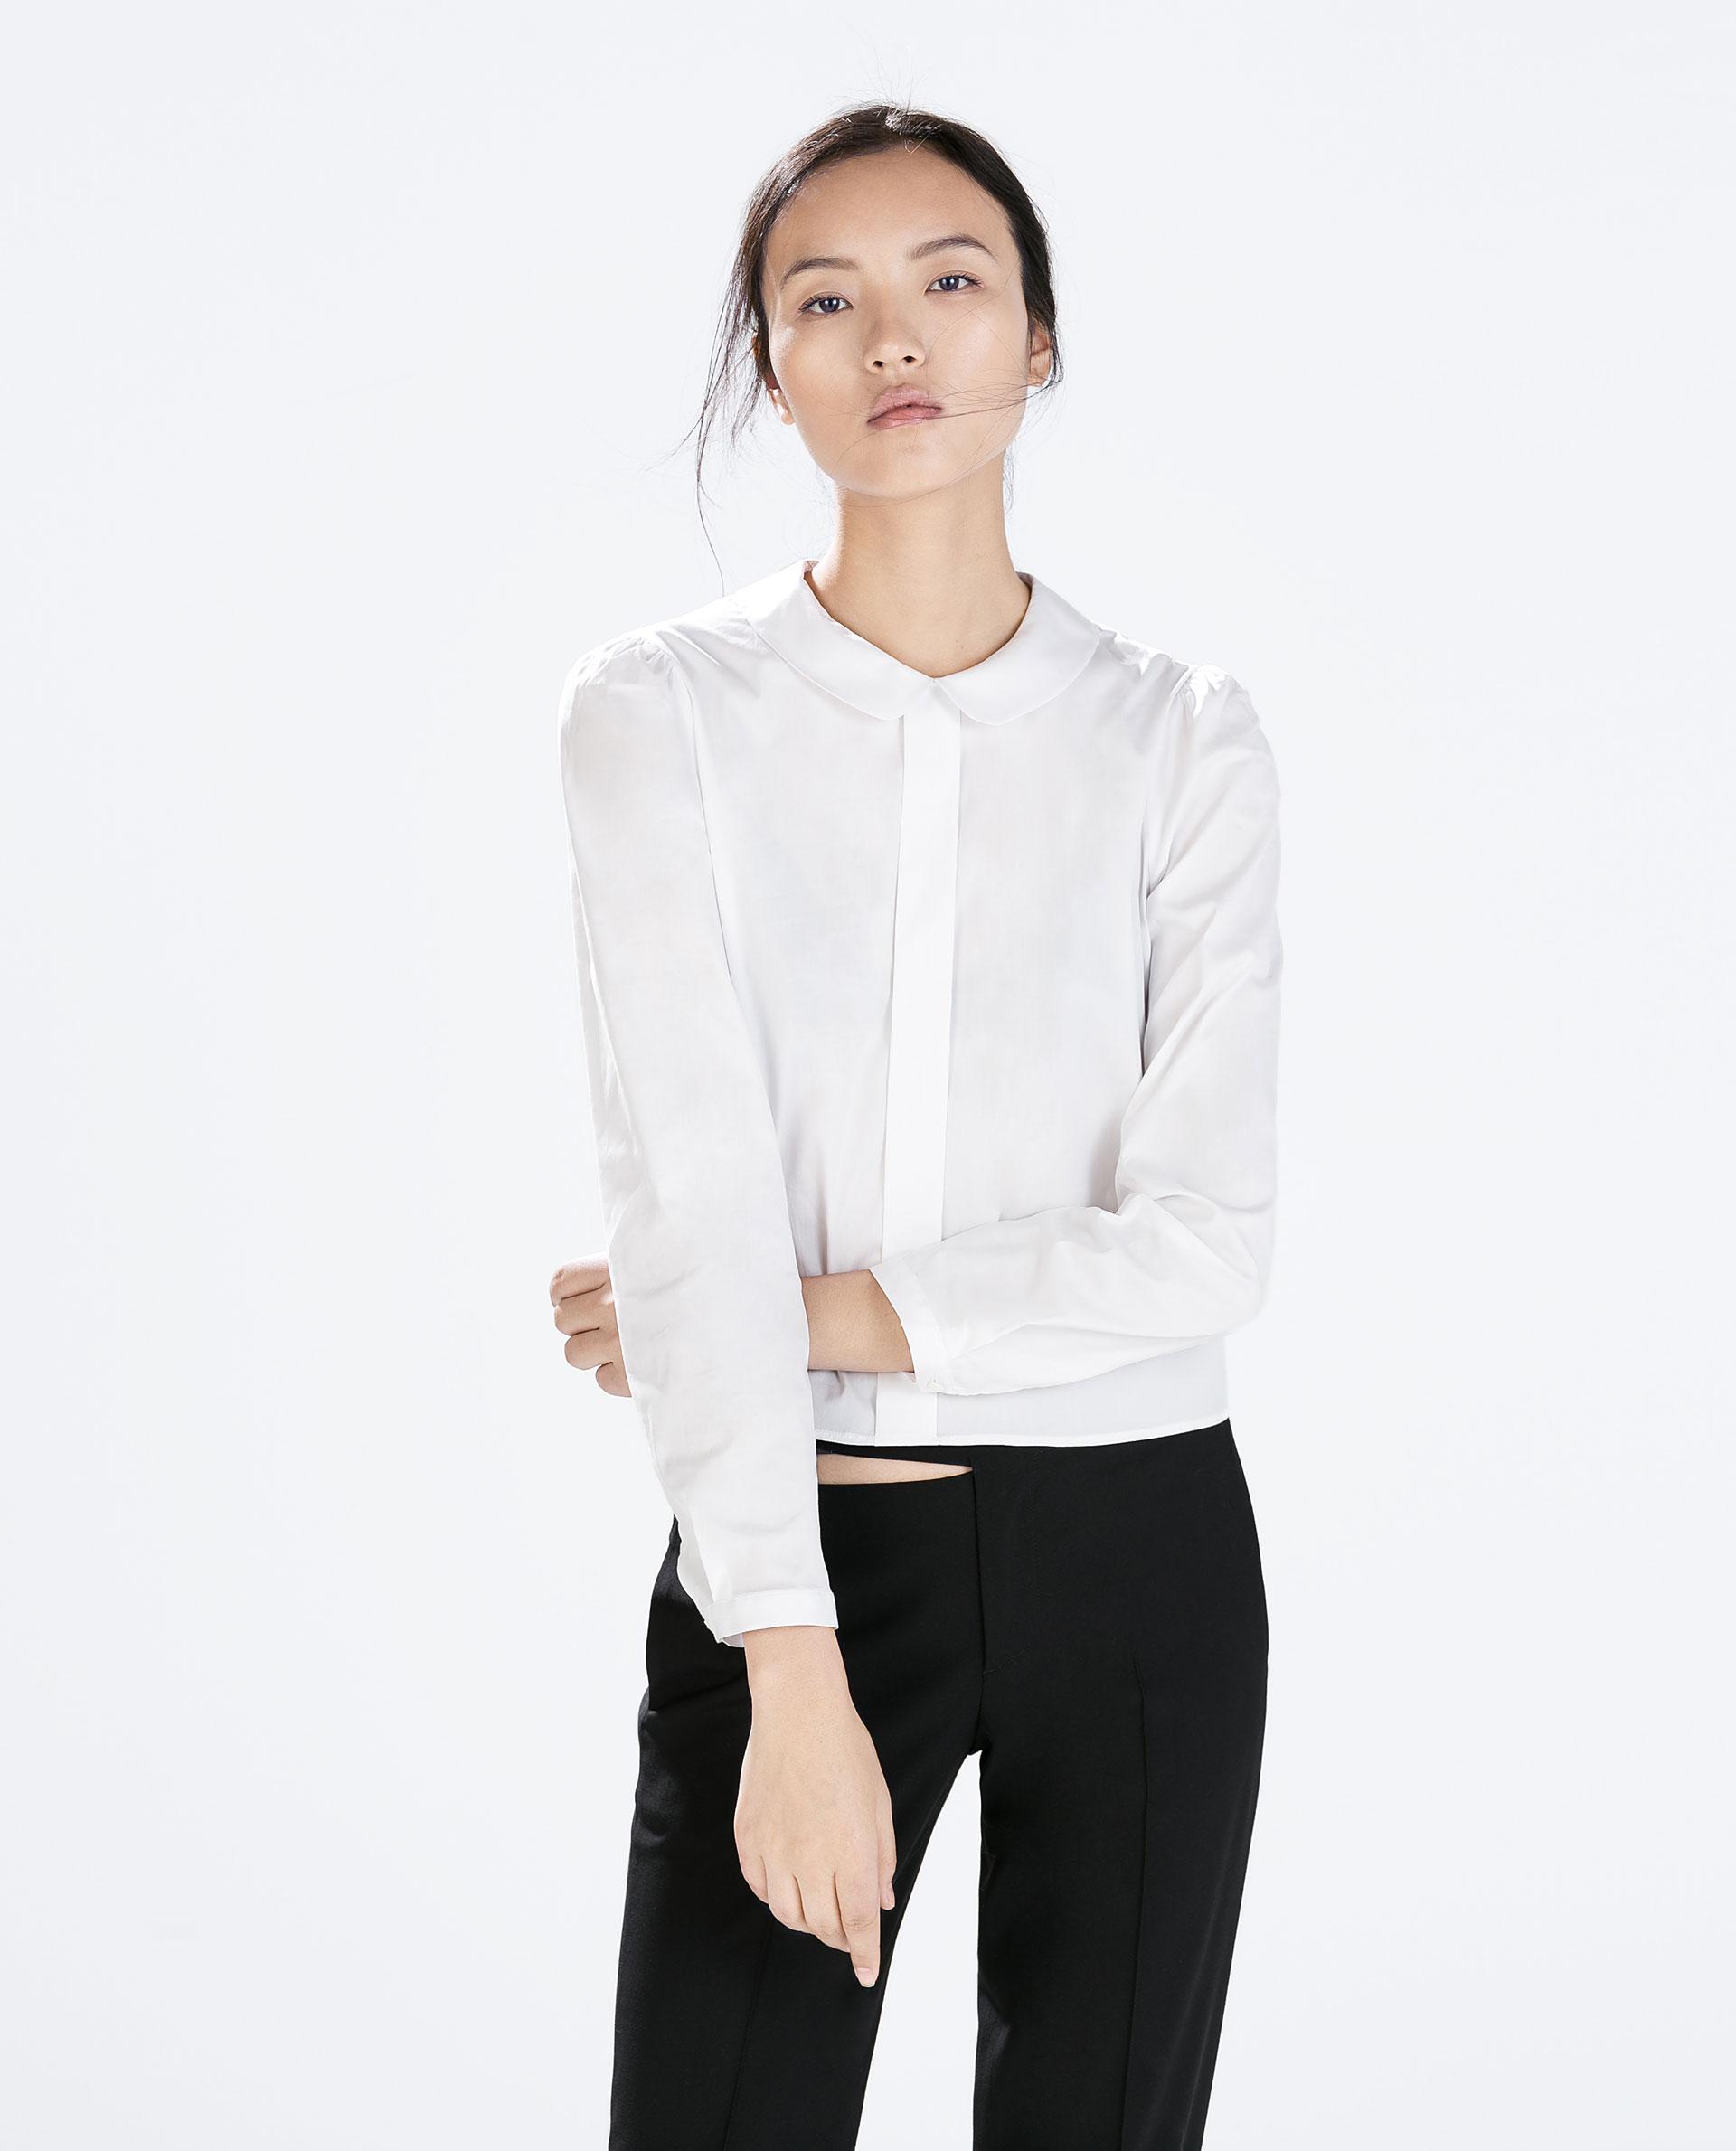 Womens Peter Pan Collar White Blouse 90